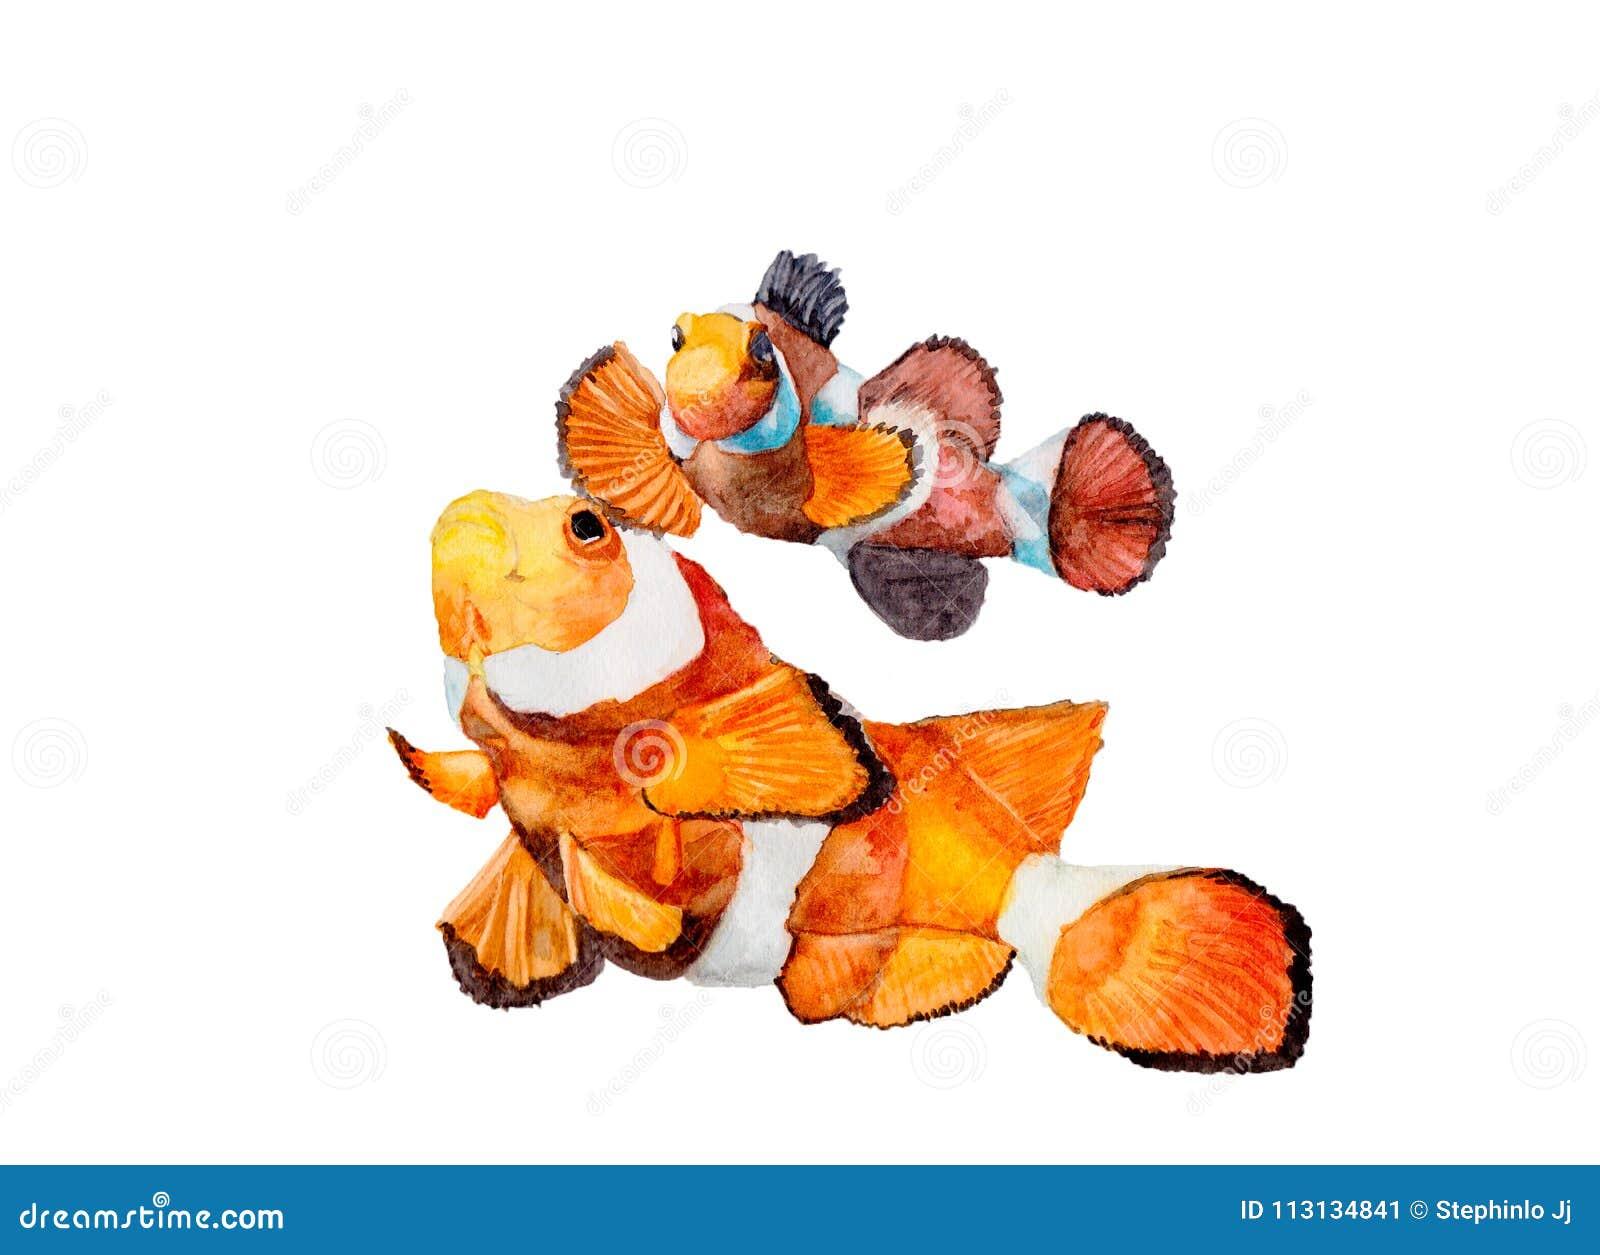 Pintura De Nemo Watercolor Ejemplos Animales Lindos Pintados